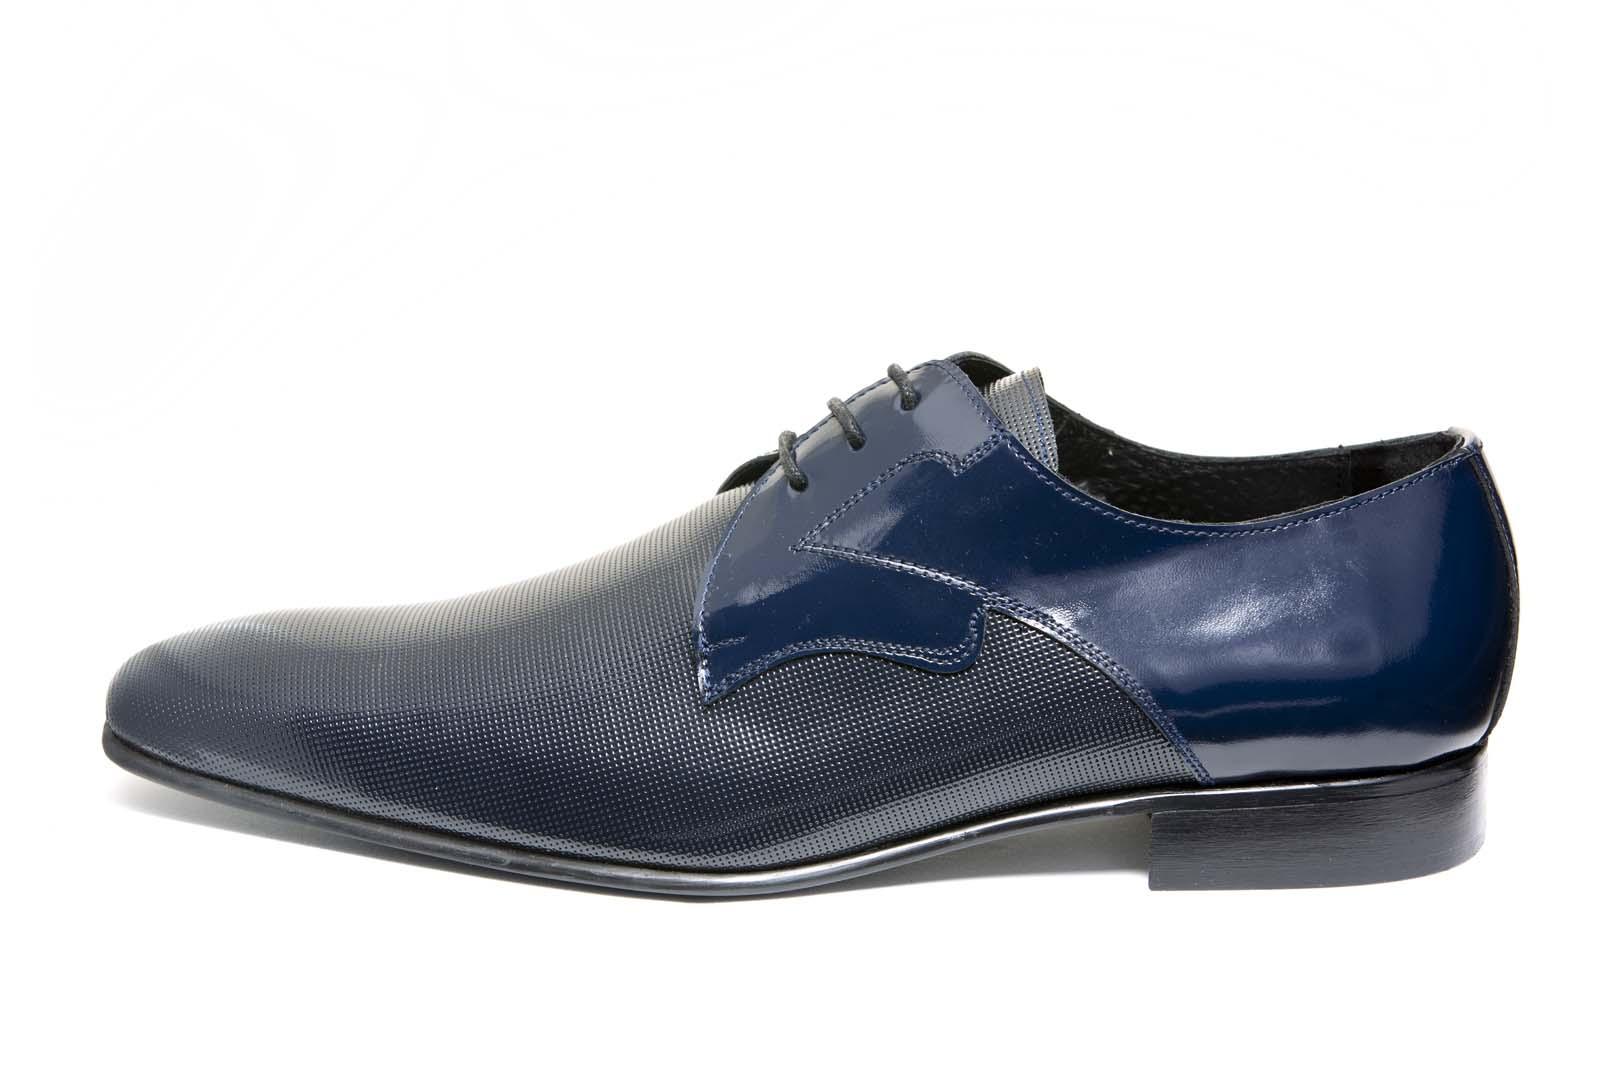 053497209 Zapatos de novio modelo Derby en color azul y piel picada antik